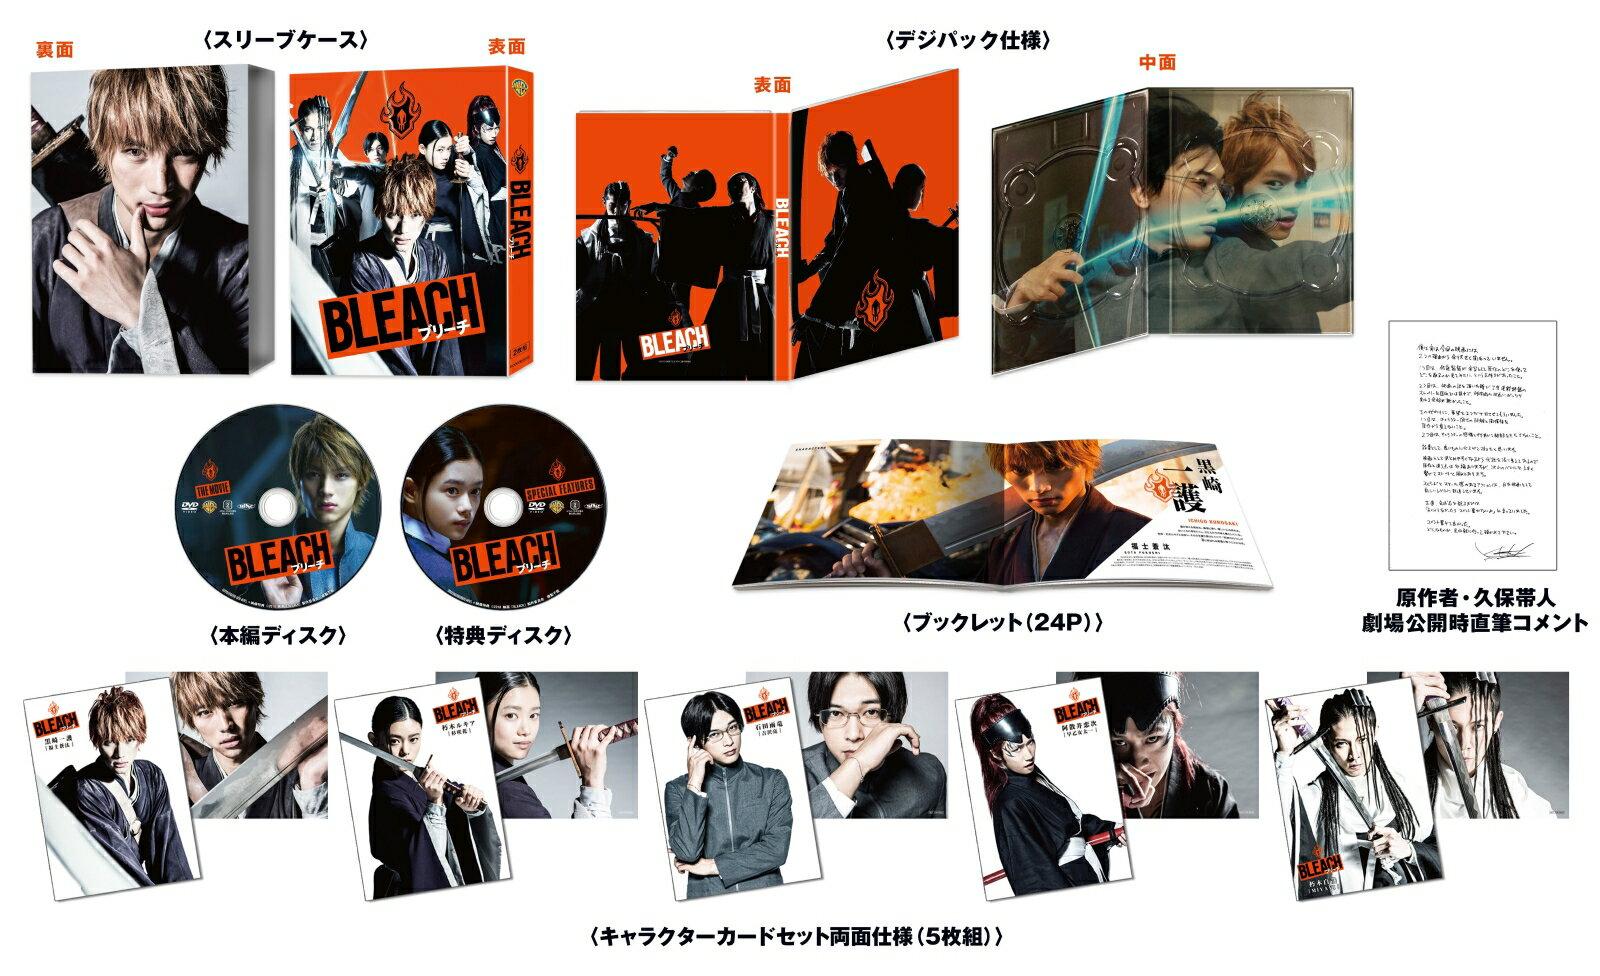 【先着特典】BLEACH DVD プレミアム・エディション(初回仕様)(キャラクタートレーディングカード付き) [ 福士蒼汰 ]